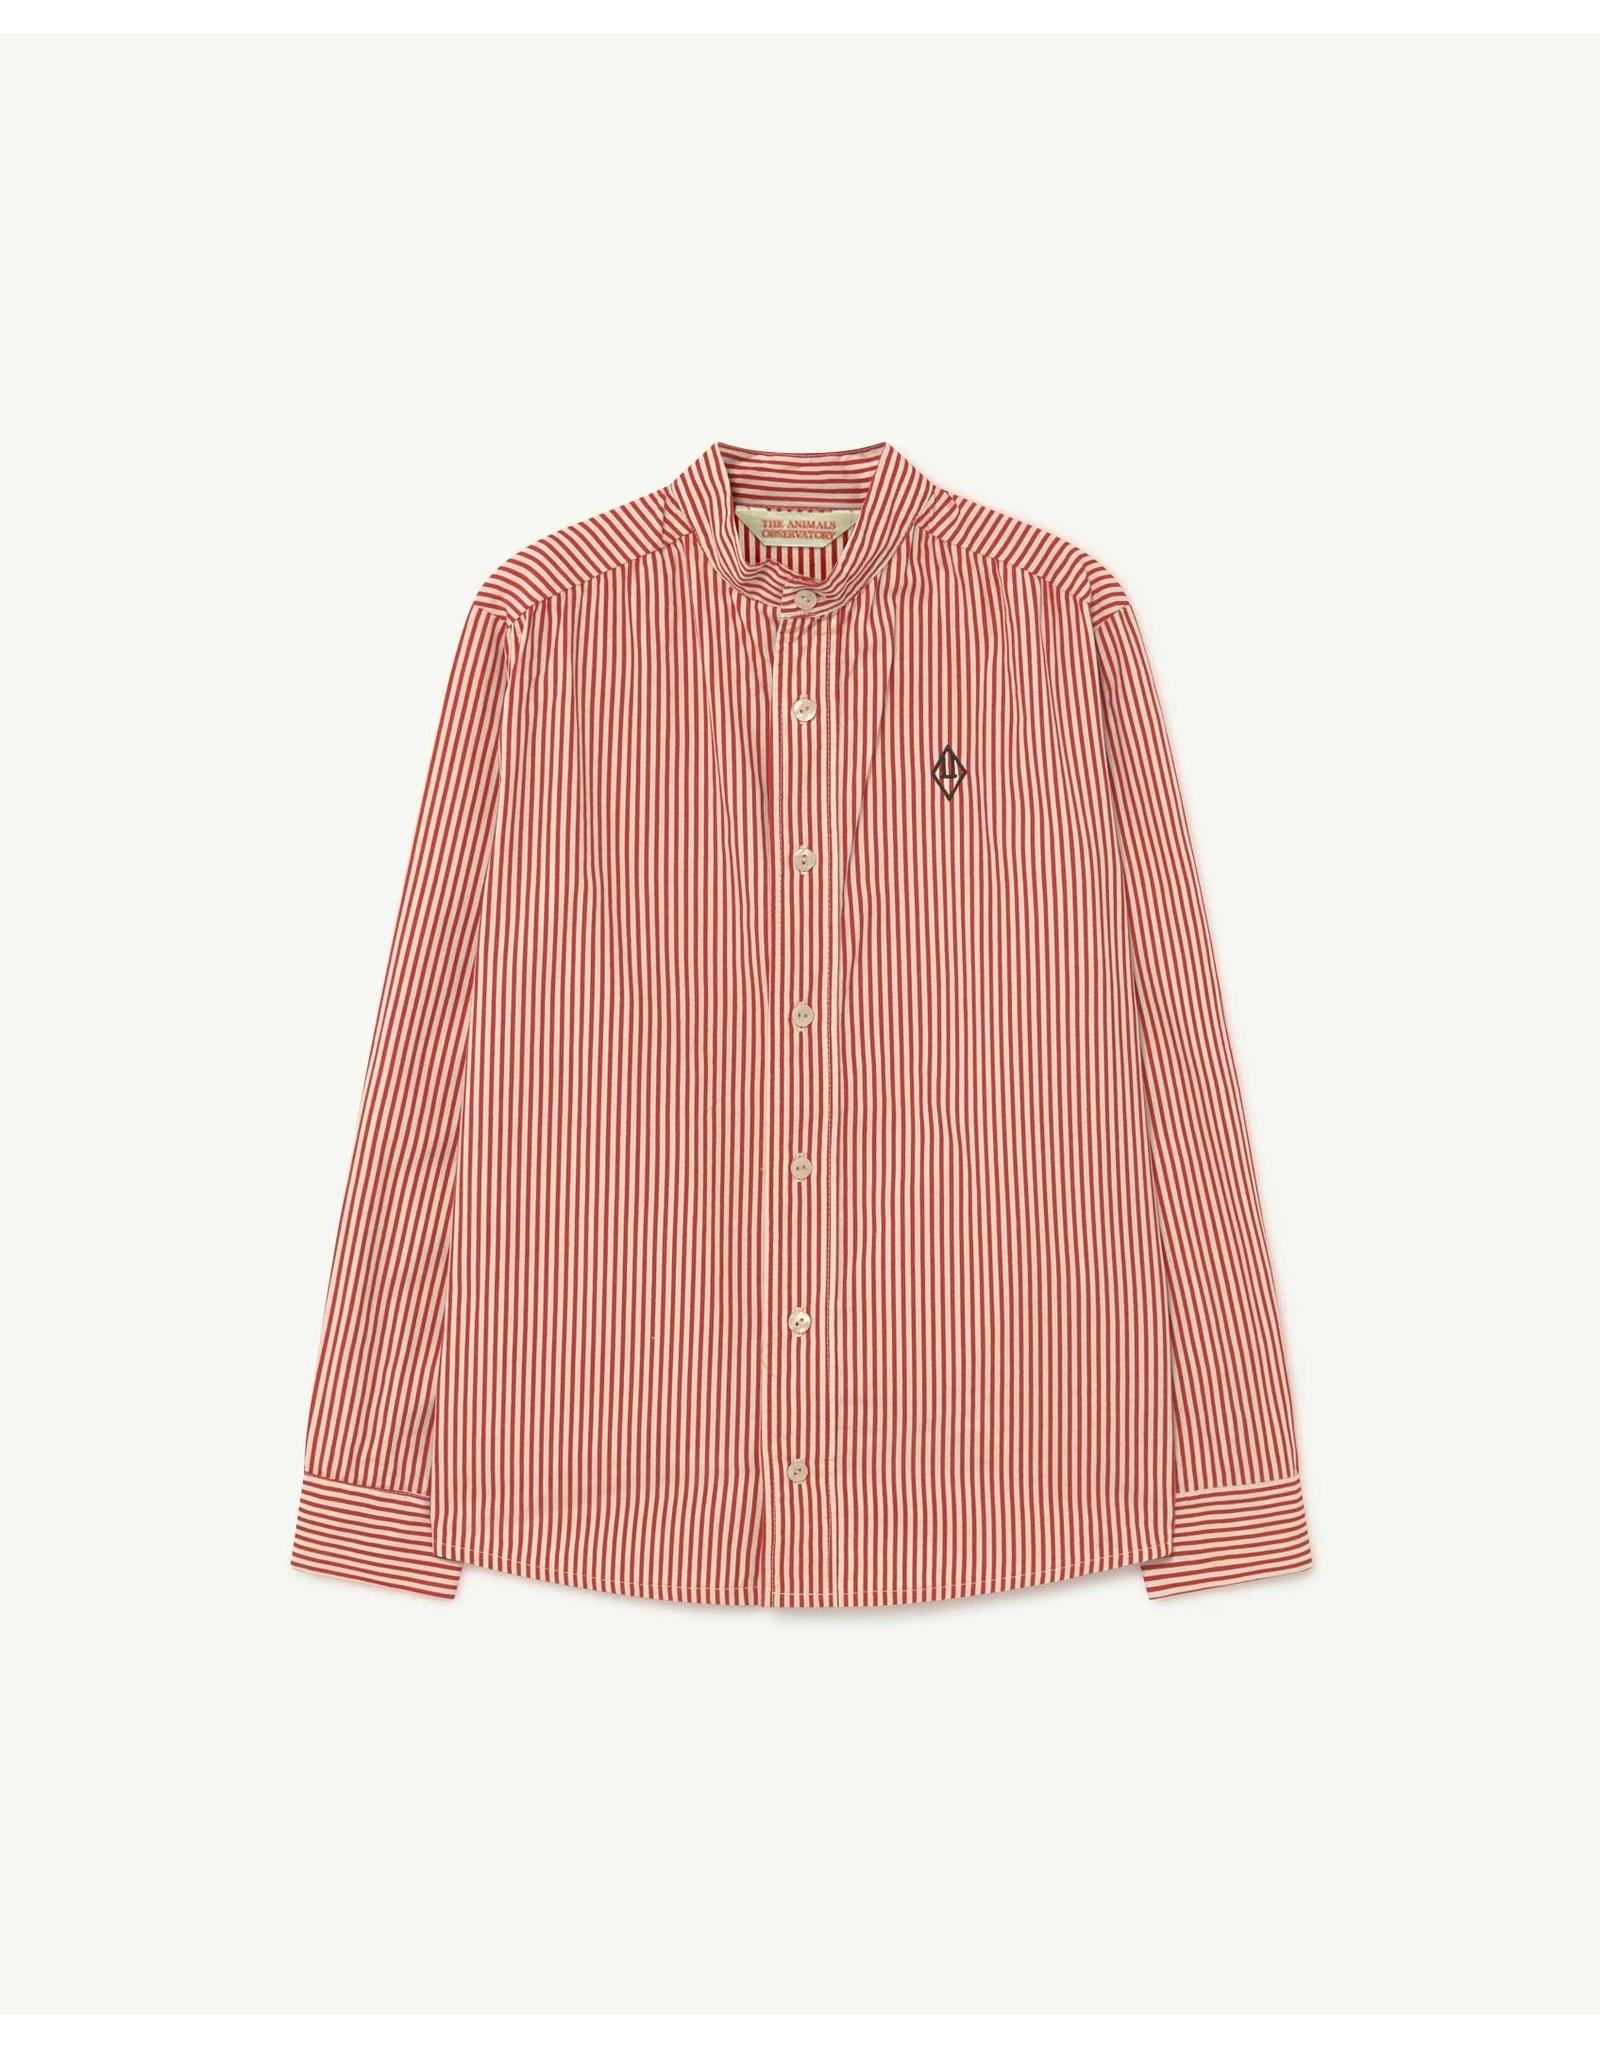 TAO PF21 114 Scorpion Kids shirt